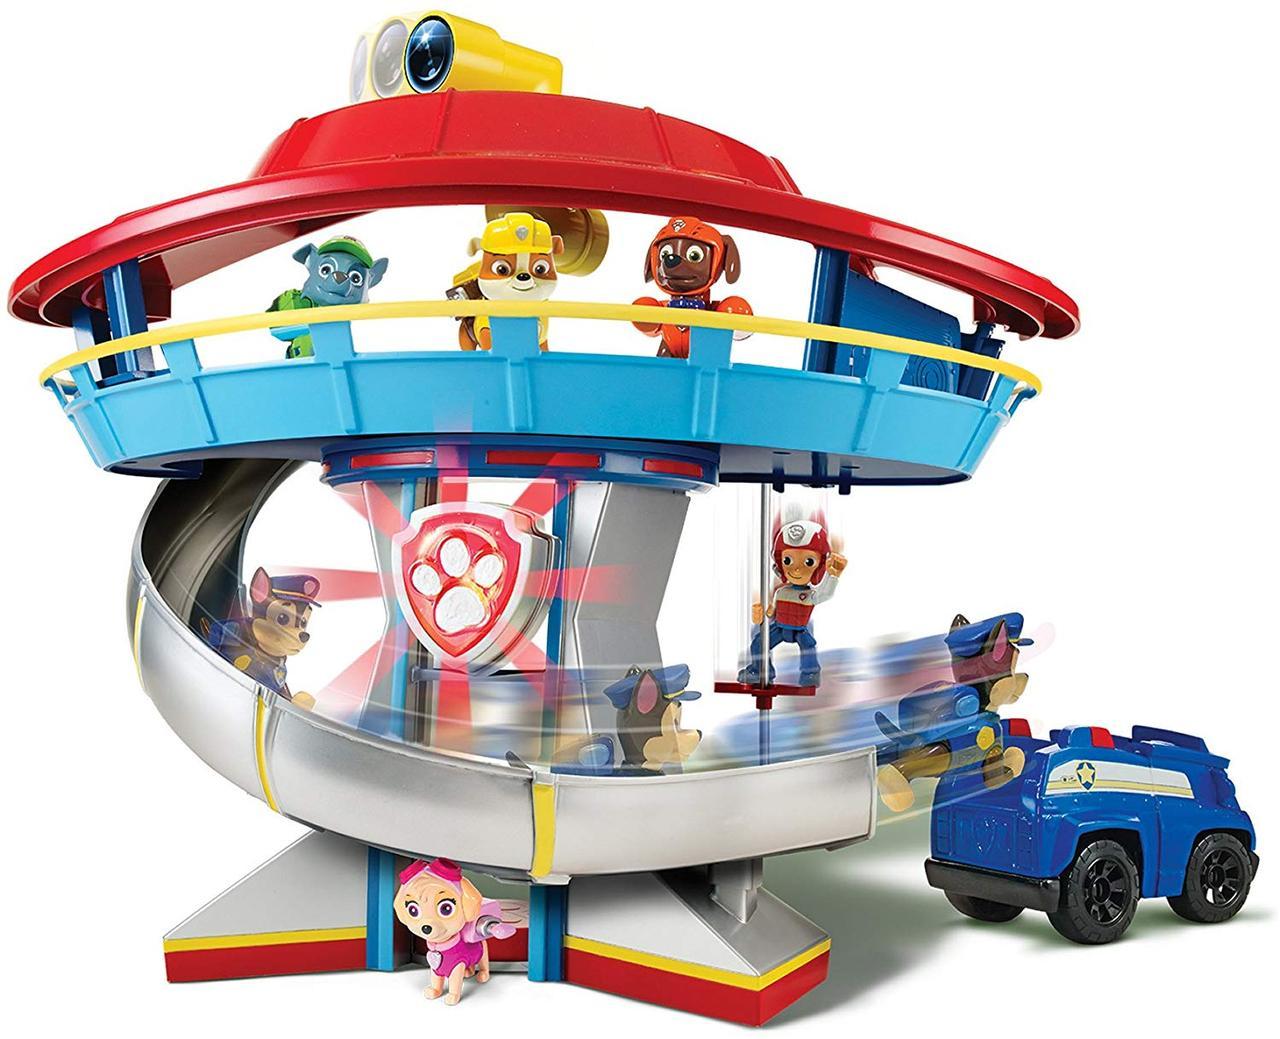 Щенячий патруль Paw Patrol Спасательная станция база спасателей и Гонщик Чейз с машиной Spin Master